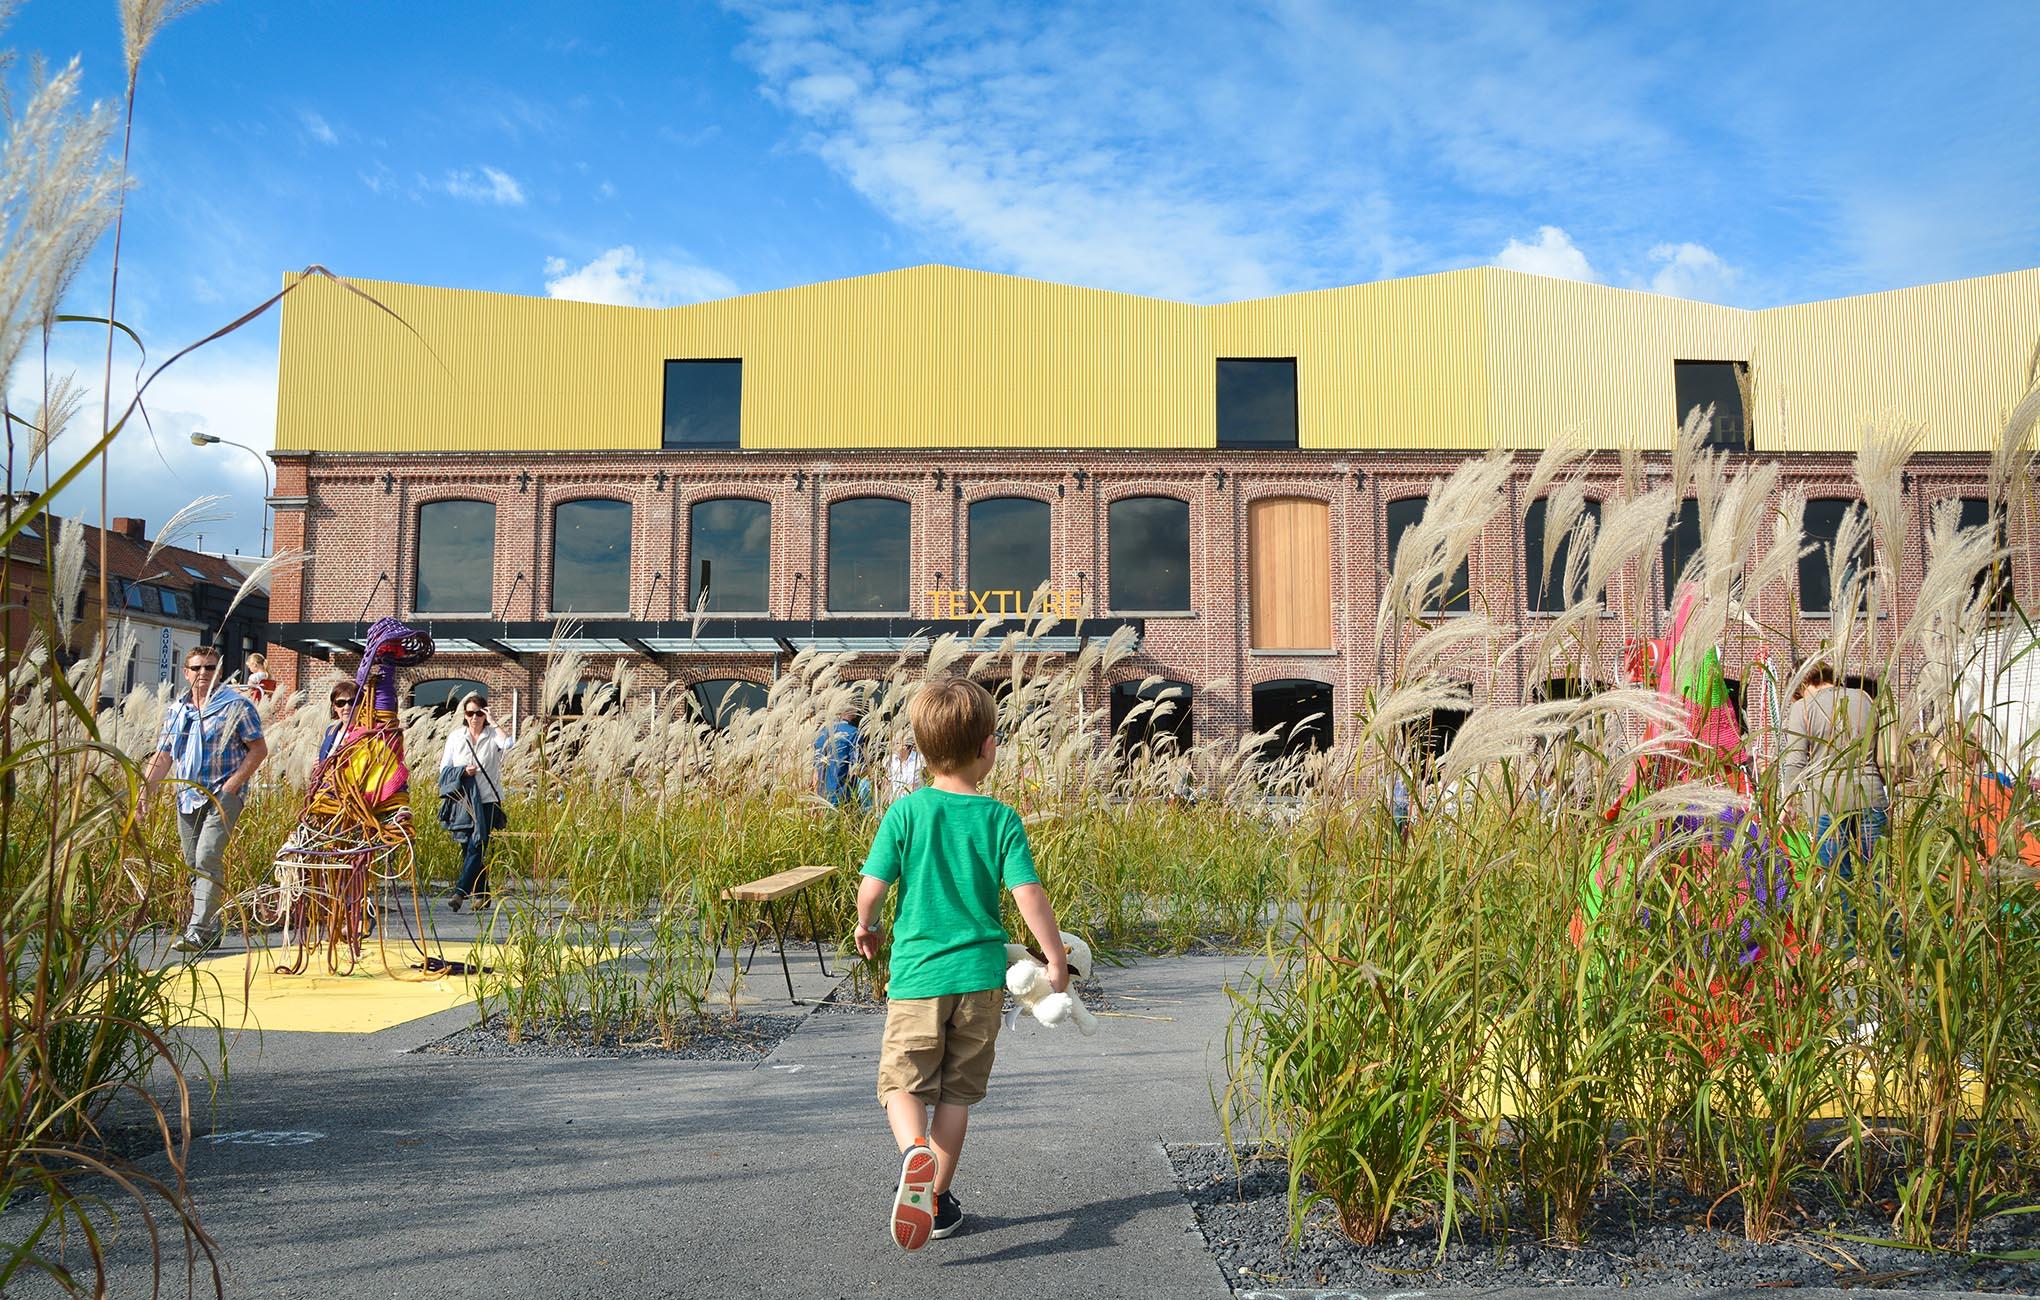 Jongentje met groene t-shirt loopt samen met zijn teddy richting museum Texture op een zomerse dag.